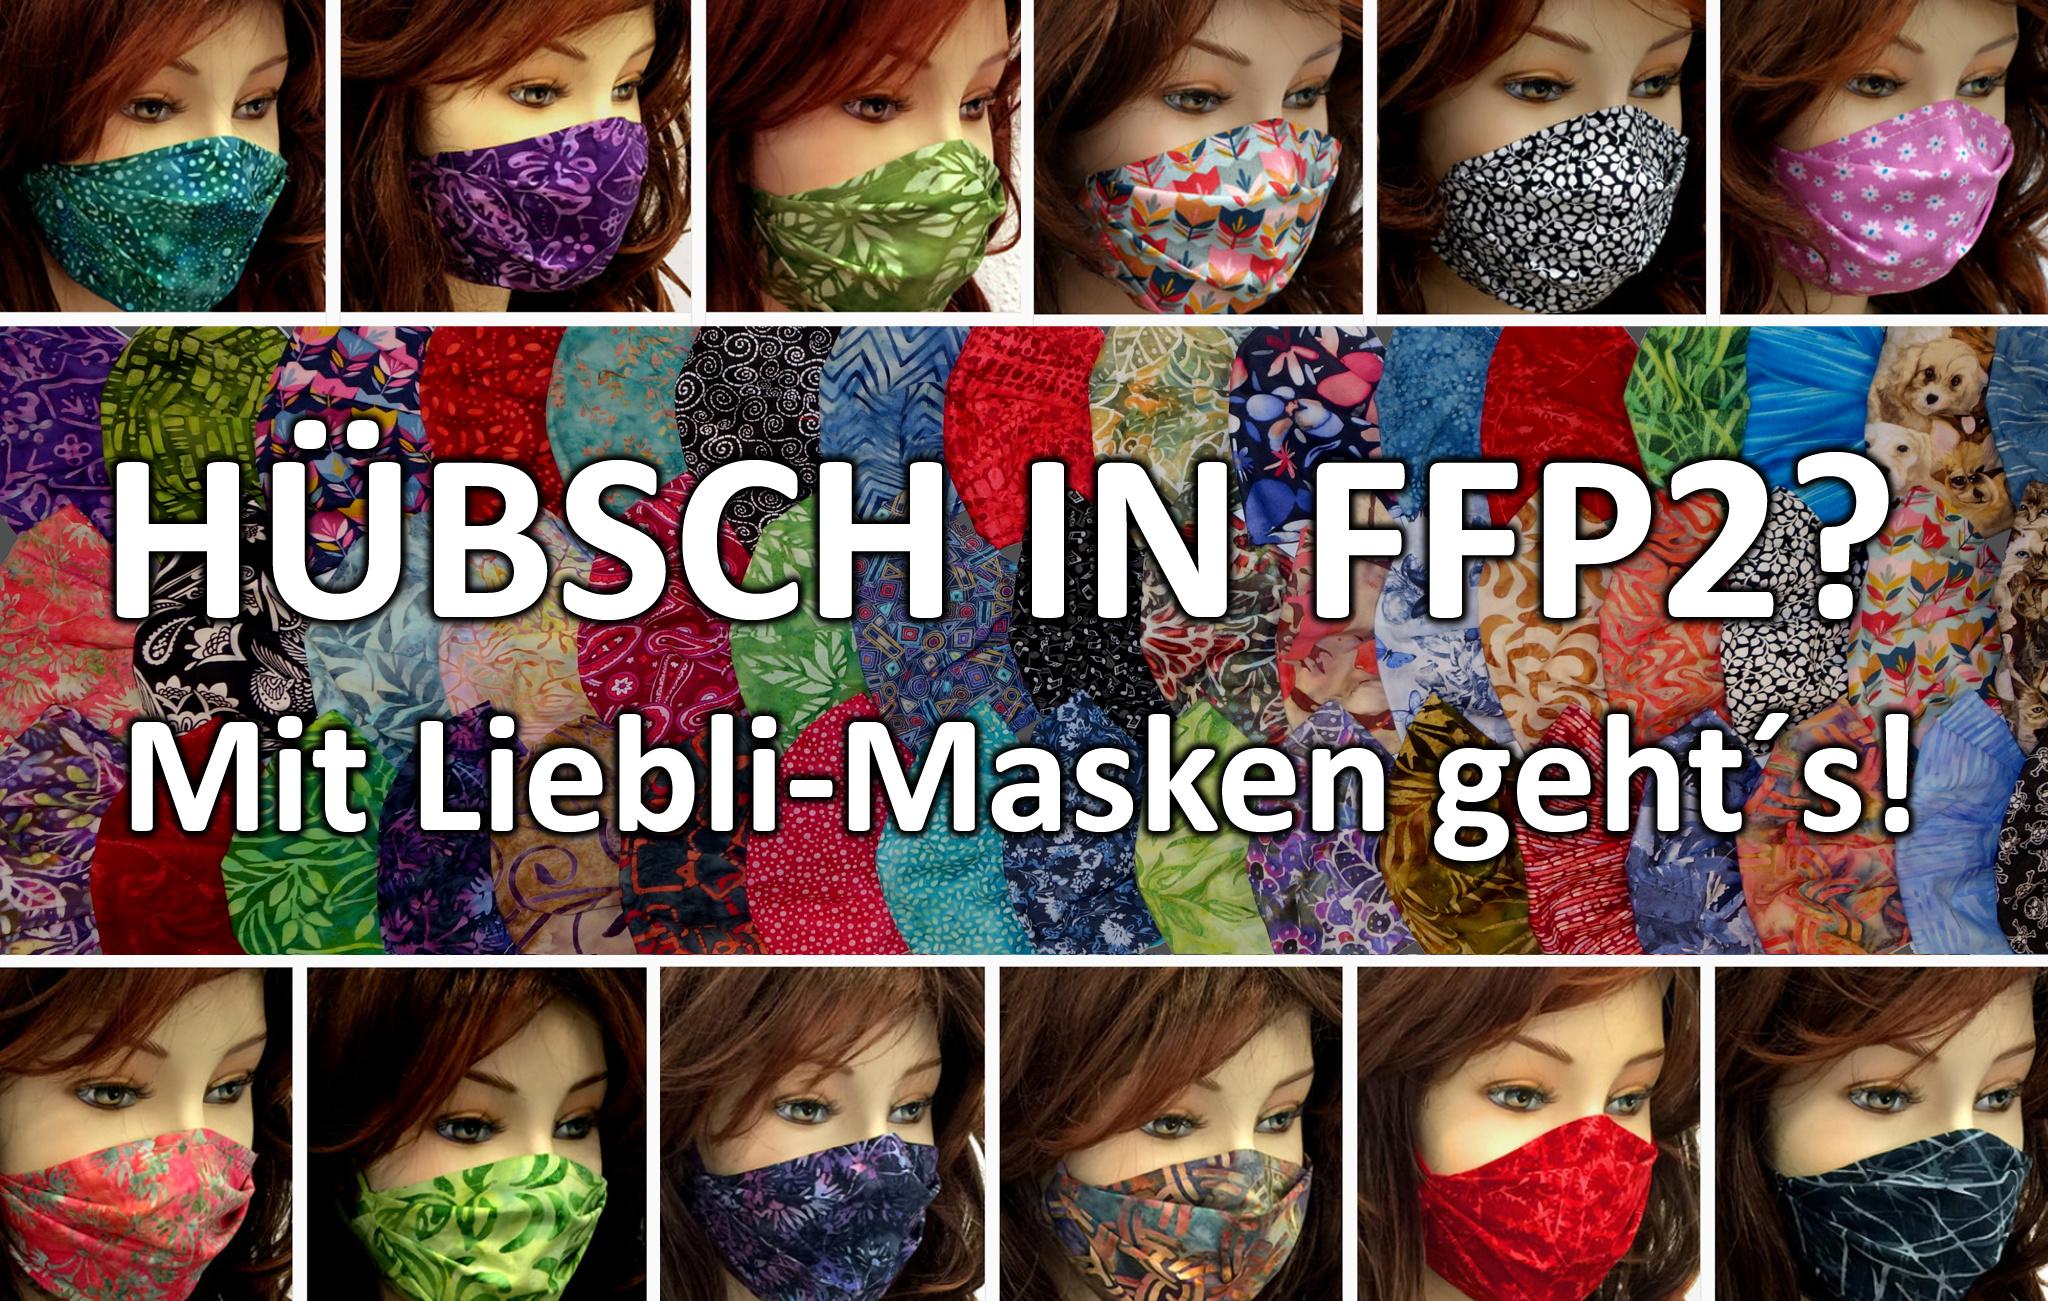 Schöne FFP2 Masken, bunte FFP2 Masken, FFP2 Cover, hübsche FFP2 Masken, FFP2 Abdeckung, FFP2 Überzug, FFP2 Bezug, Wien Österreich regional produziert